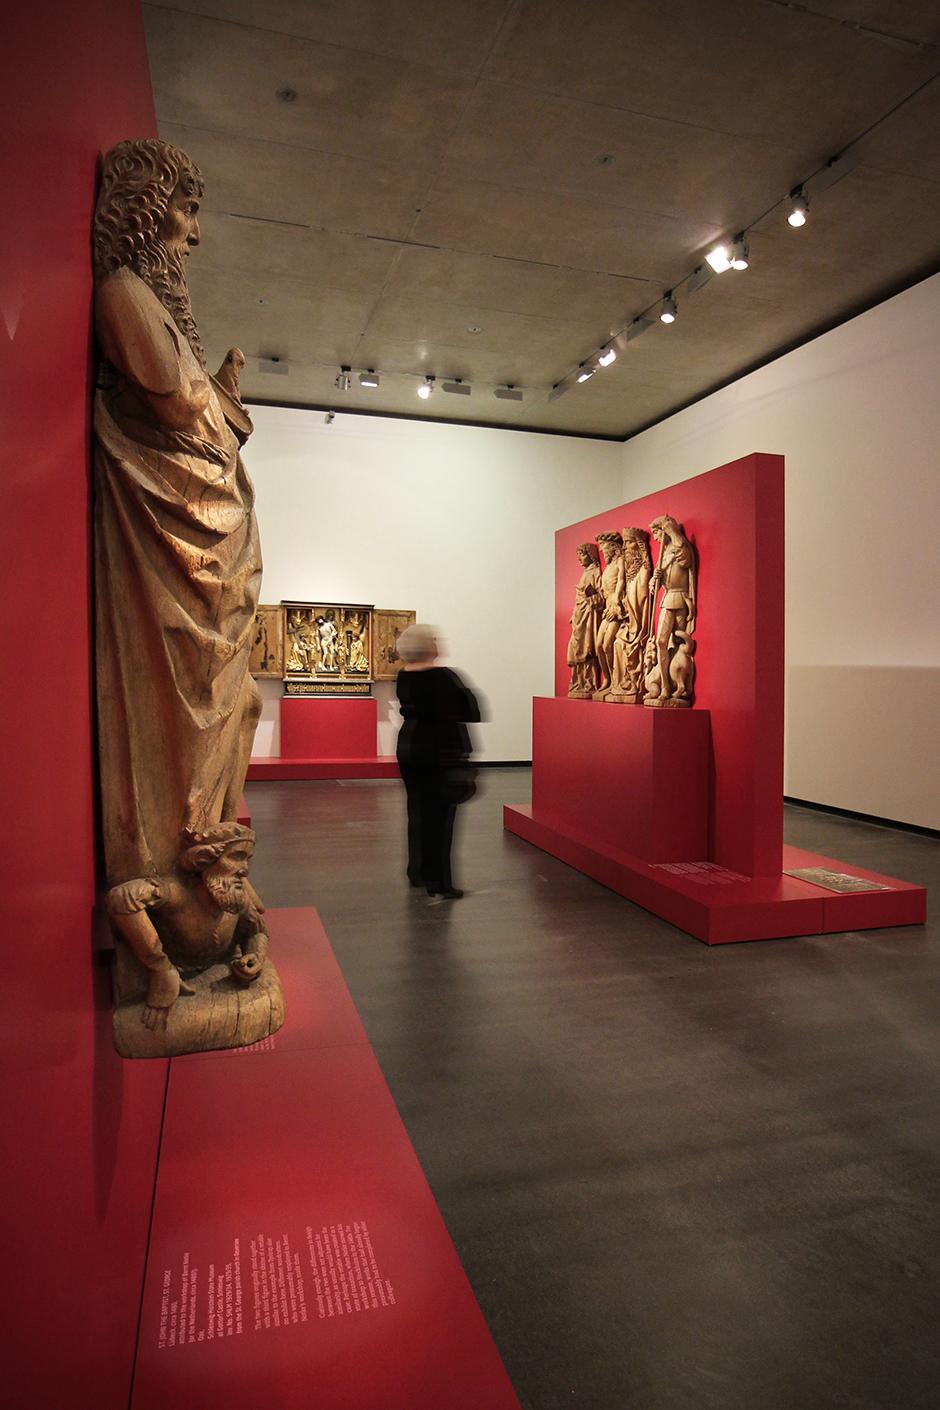 Museumsdesign. Besucher vor Ausstellungswand alten Holzfiguren, Holzfigur im Vordergrund.